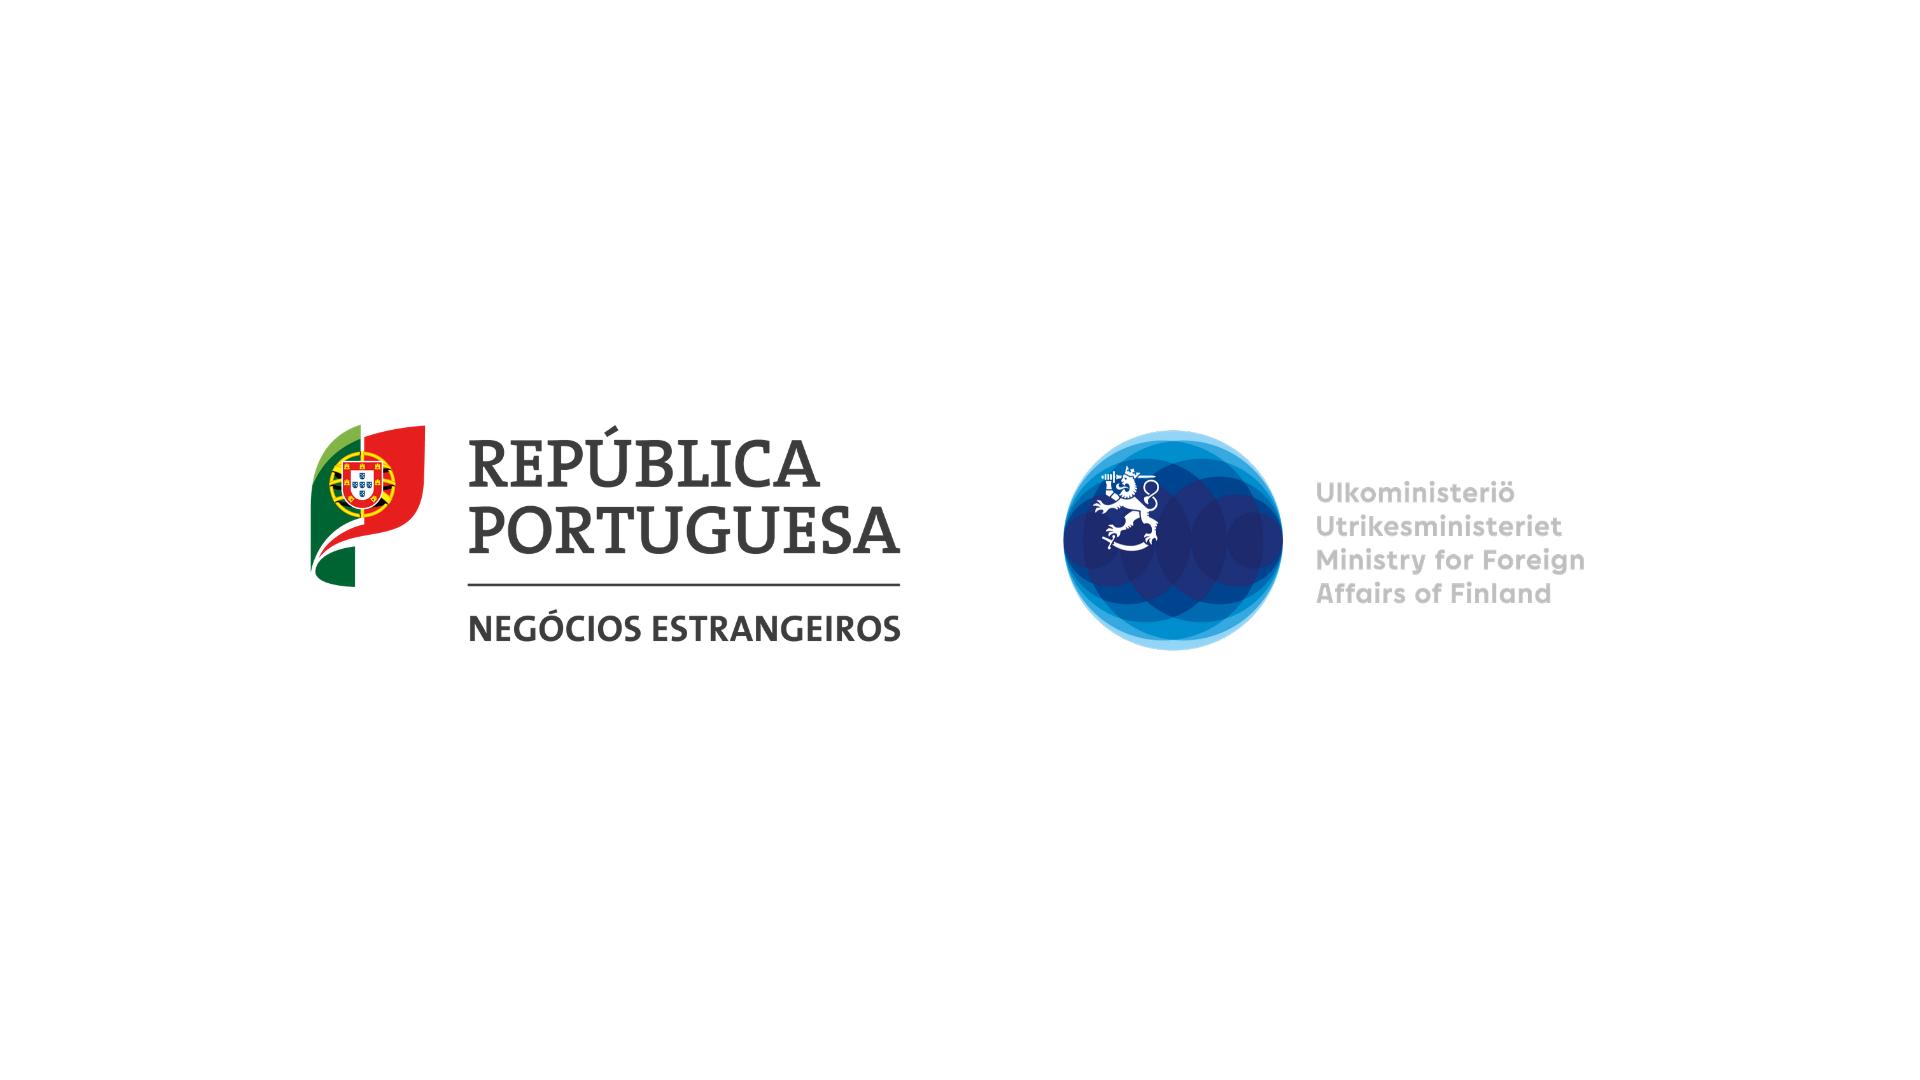 Portugalin ulkoministeriön ja Suomen ulkoministeriön logot